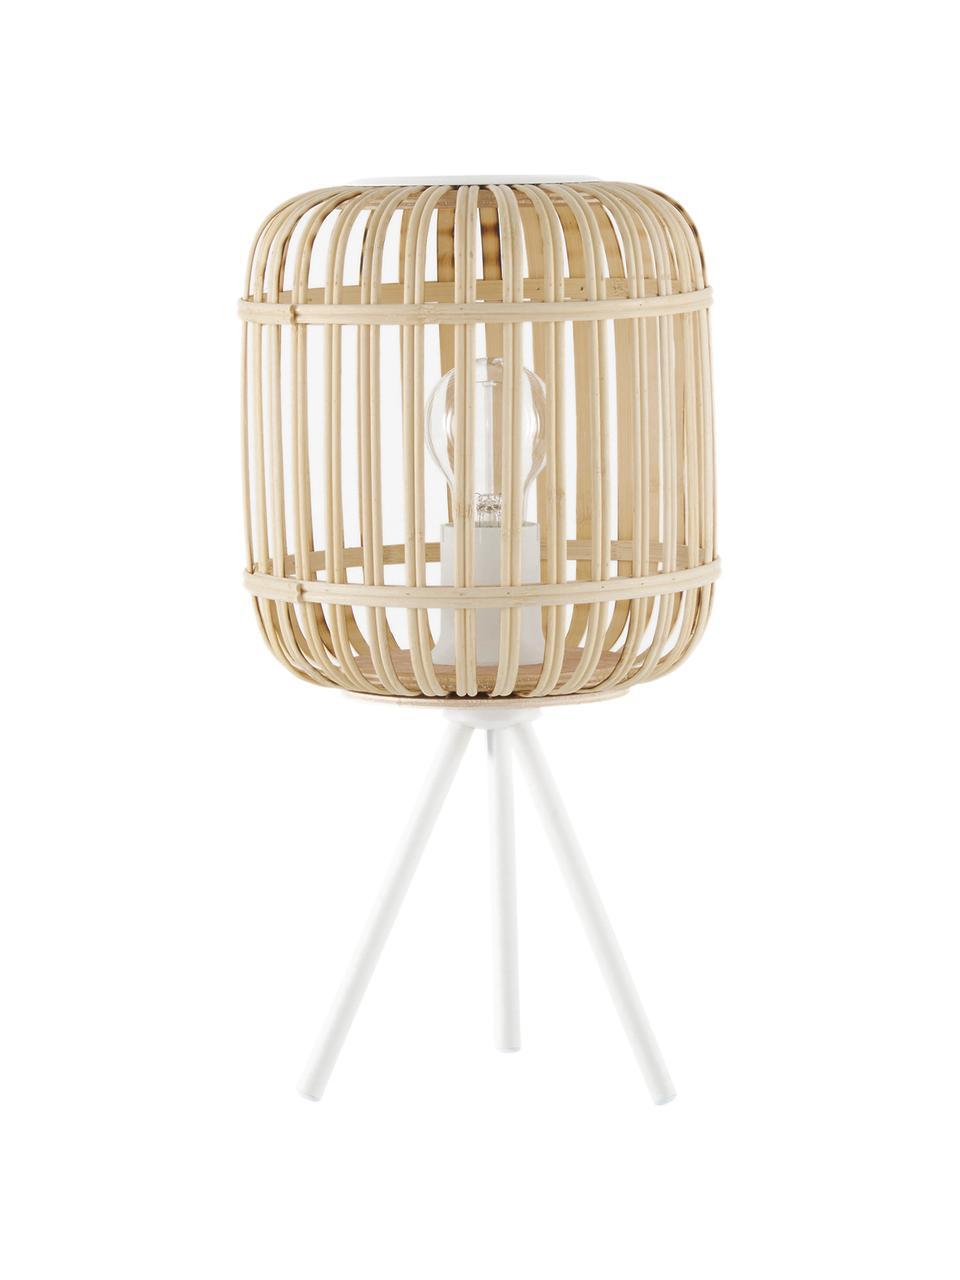 Boho-Tischlampe Adam aus Bambus, Lampenschirm: Bambus, Lampenfuß: Metall, pulverbeschichtet, Weiß, Beige, Ø 21 x H 42 cm